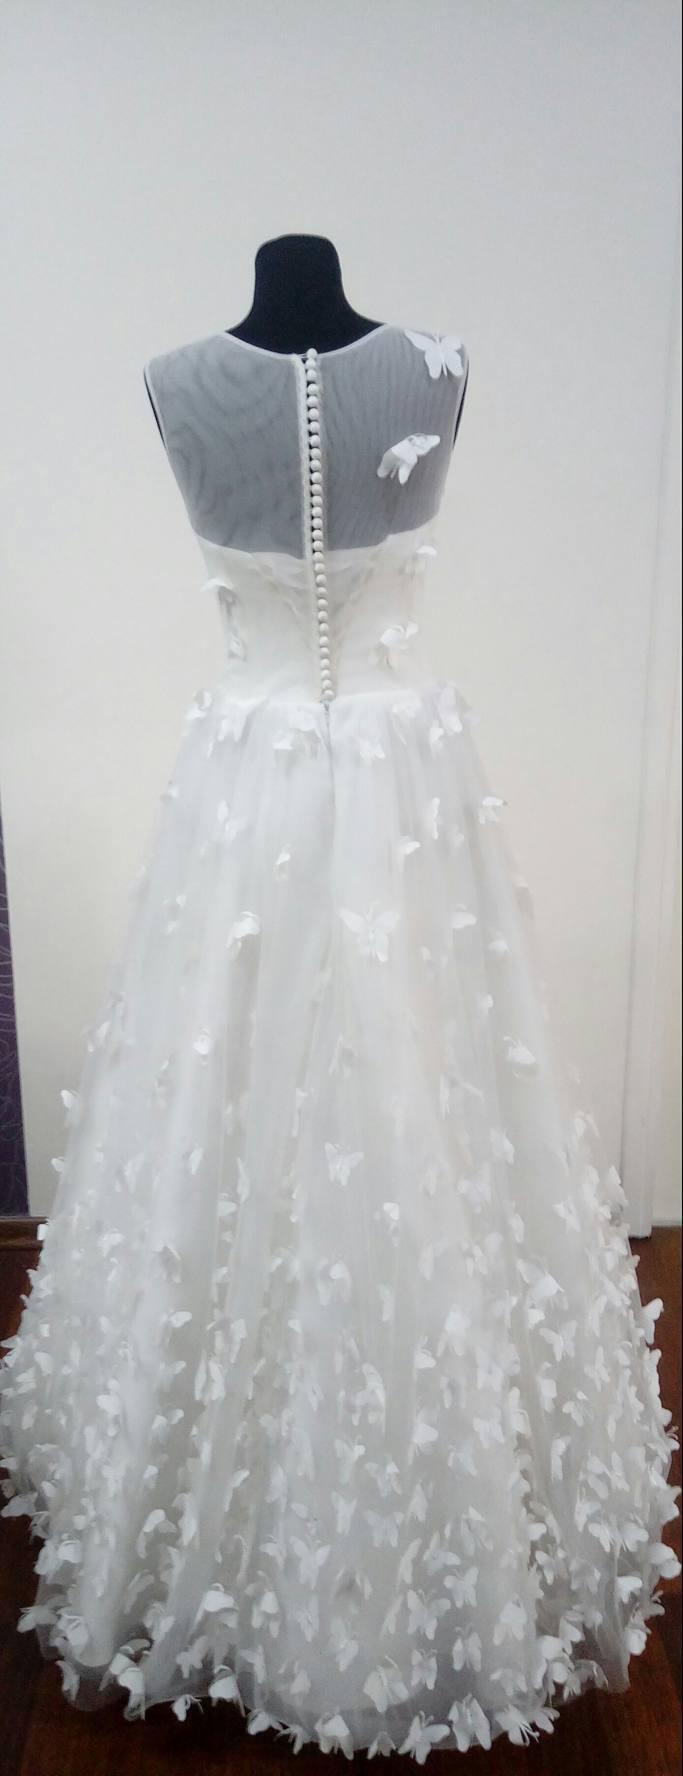 Suknia ślubna Zjawiskowe Motylki 7164819745 Oficjalne Archiwum